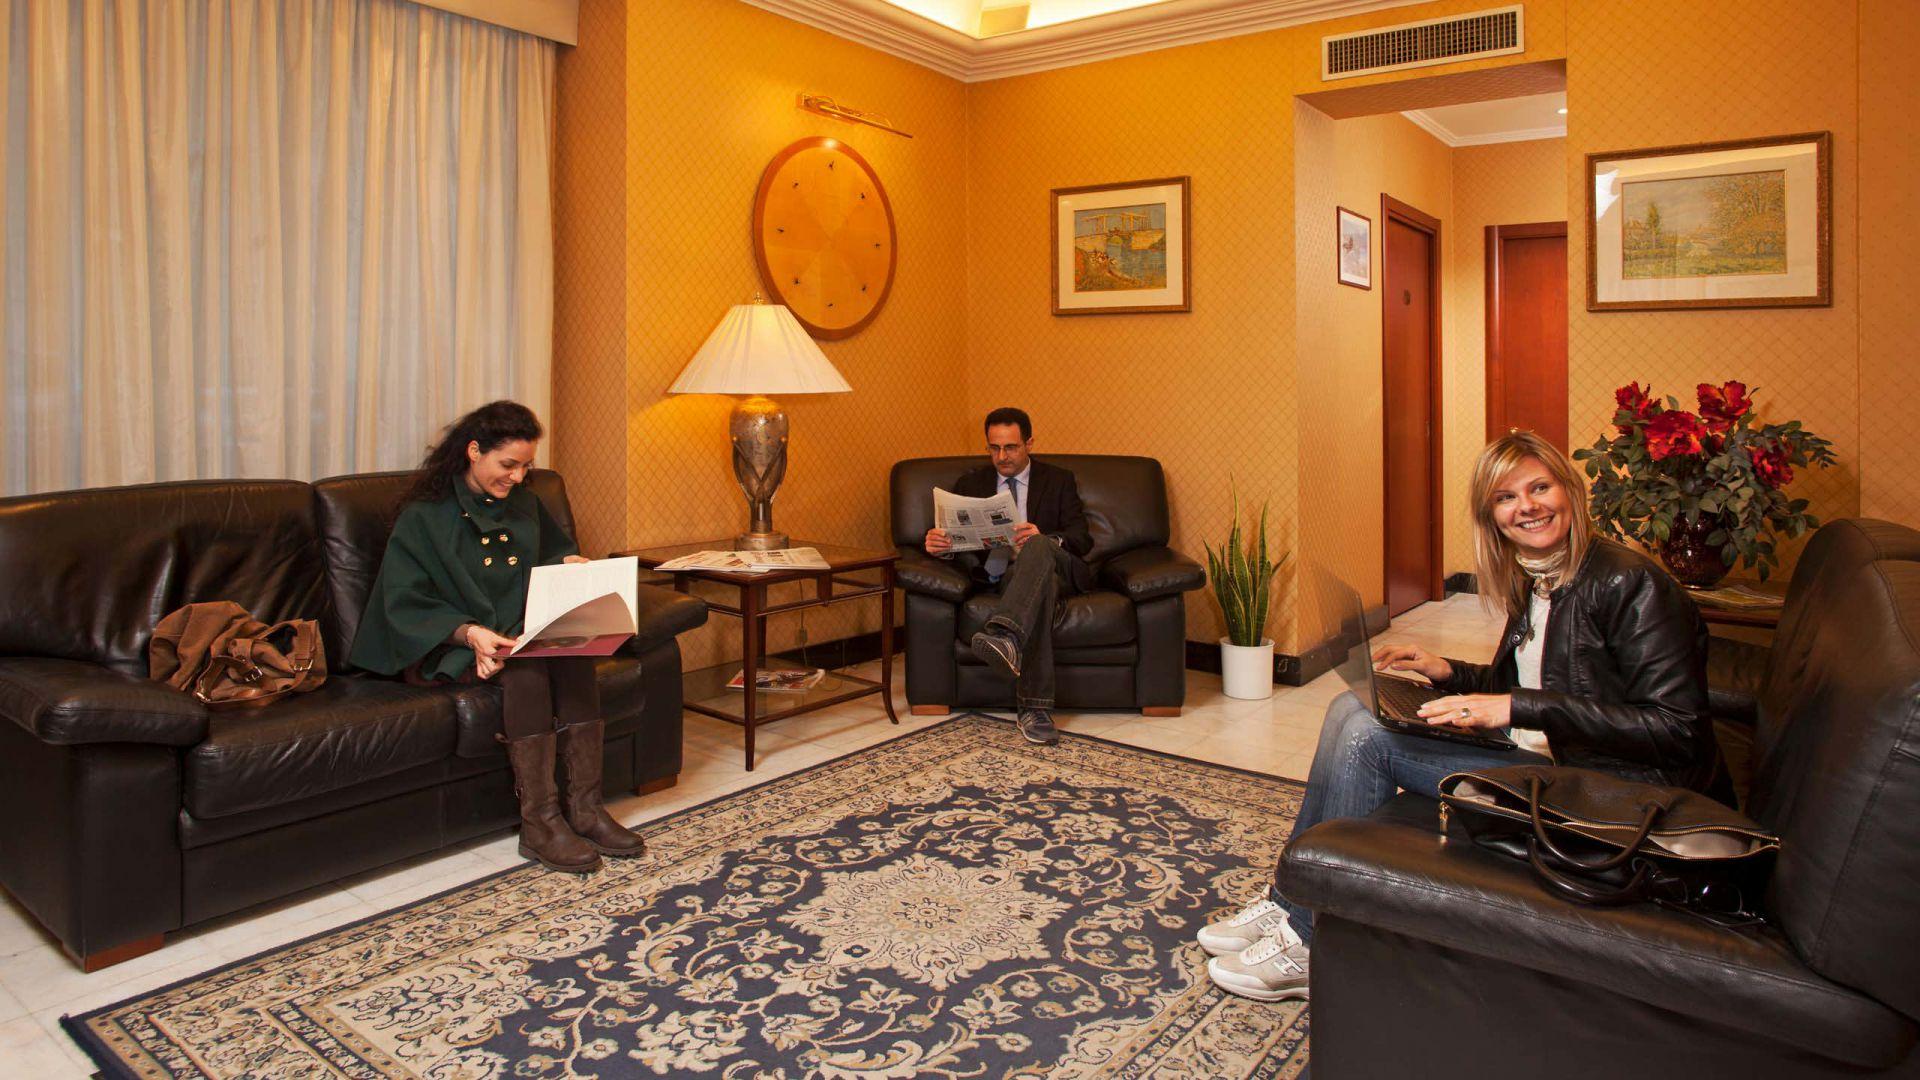 hotel-piemonte-roma-aree-comuni-15